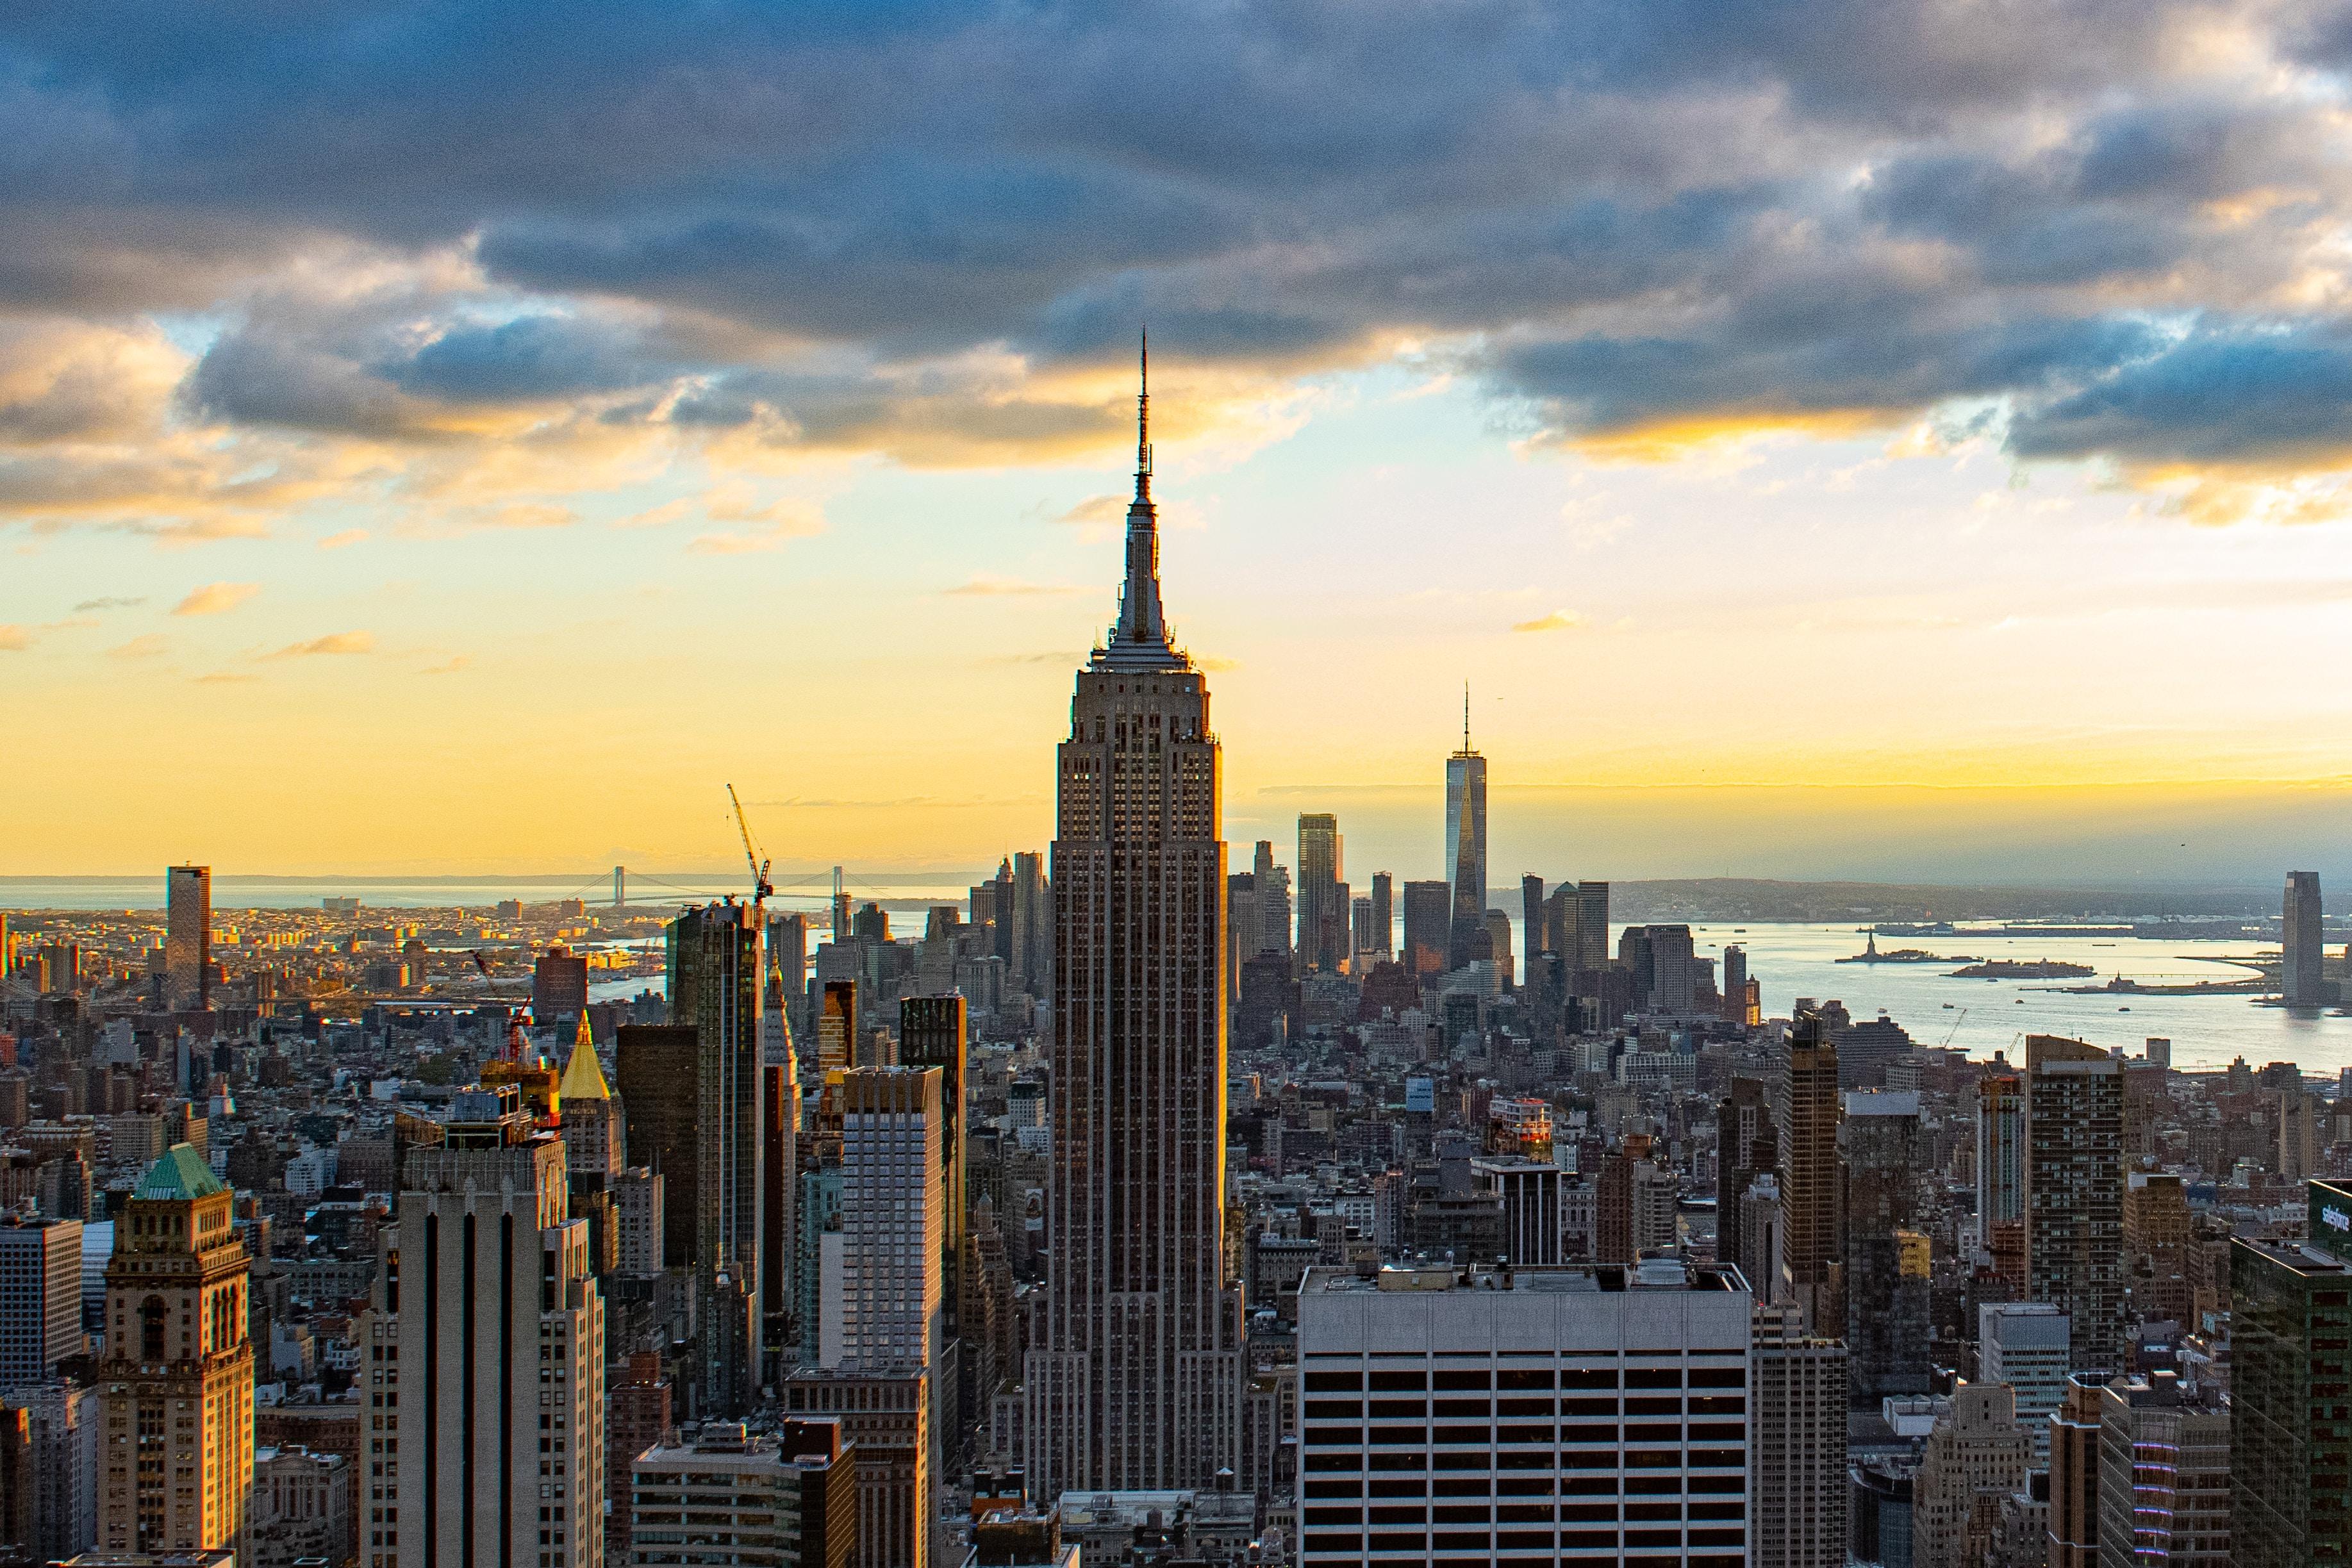 118779 Salvapantallas y fondos de pantalla Arquitectura en tu teléfono. Descarga imágenes de Ciudad, Edificio, Vista Desde Arriba, Megapolis, Megalópolis, Nueva York, Ee.uu, Estados Unidos, Arquitectura, Ciudades gratis